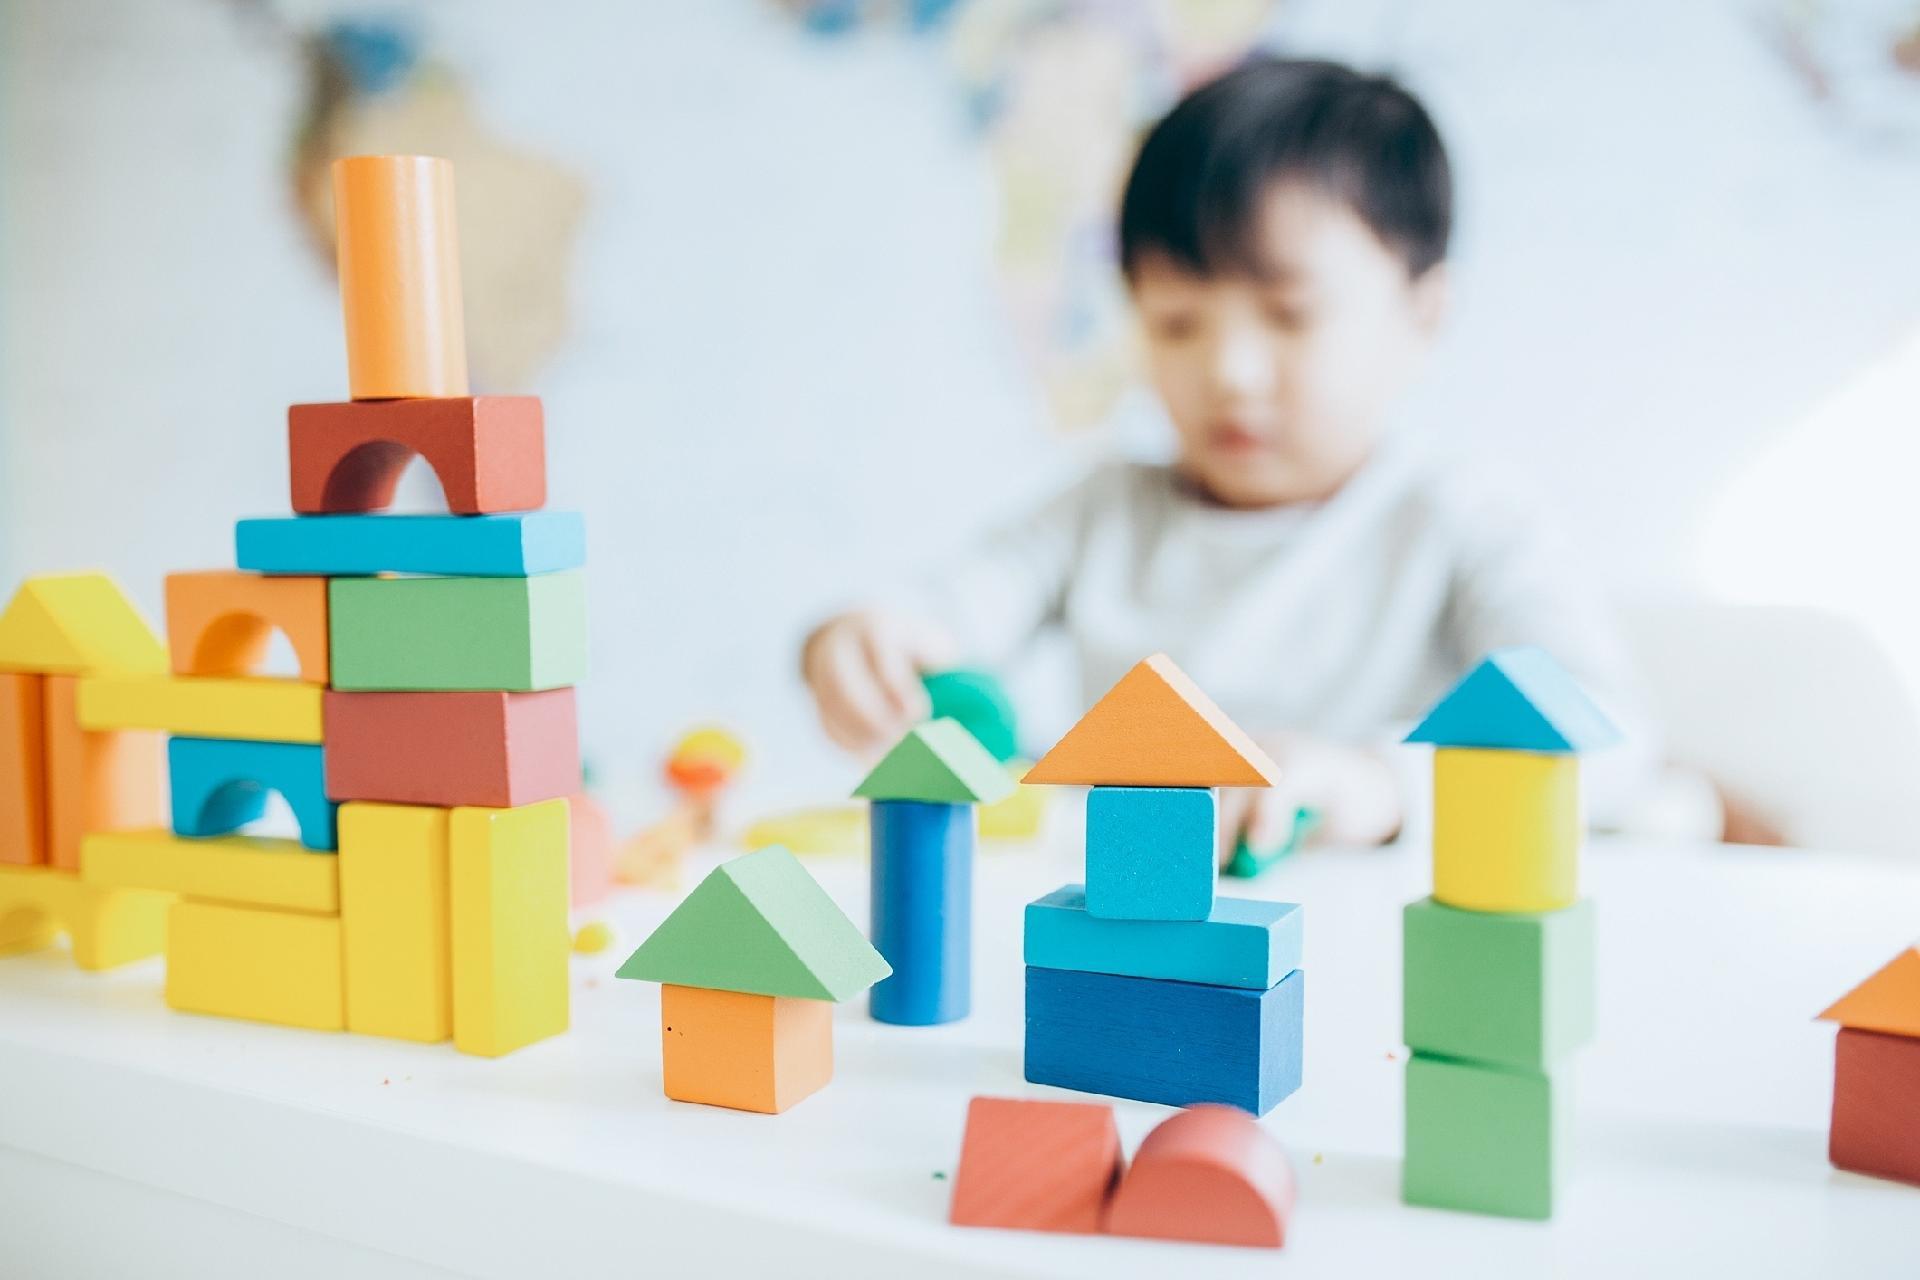 Mutação genética no cérebro é pista para o autismo, sugere estudo